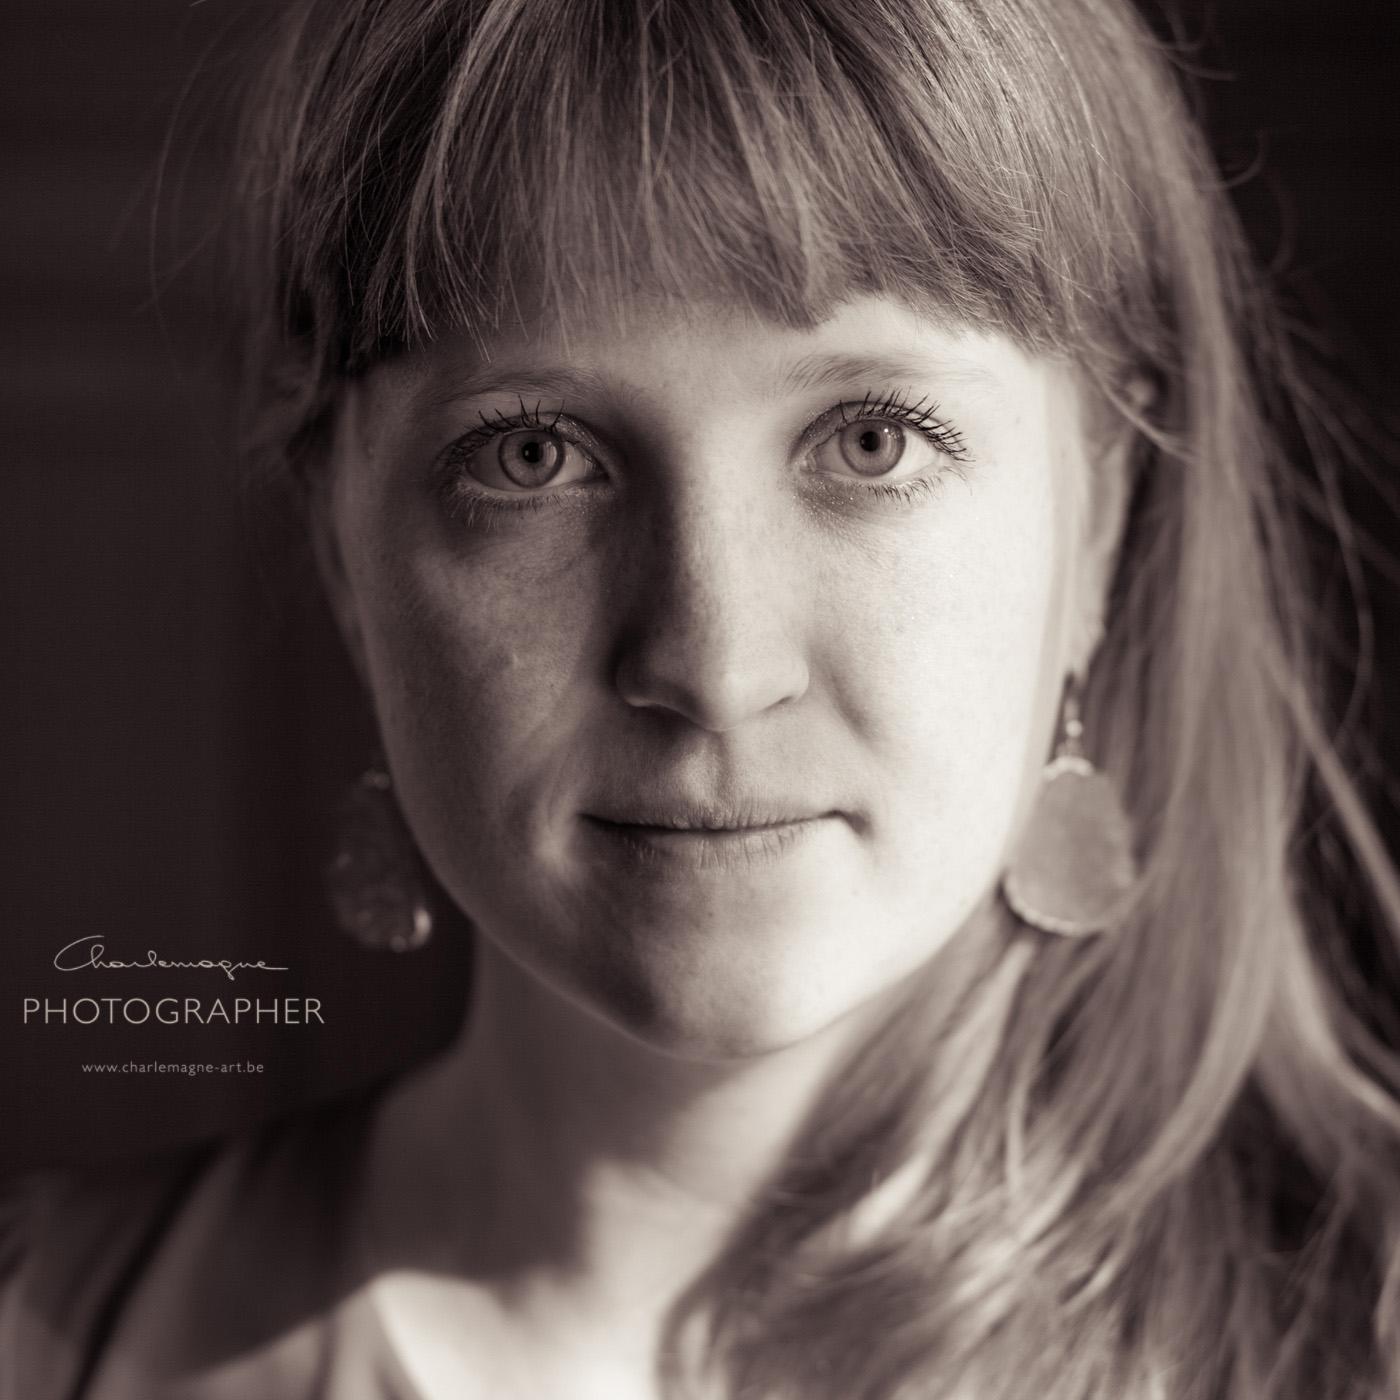 charlemagne-art_Hilde-8133